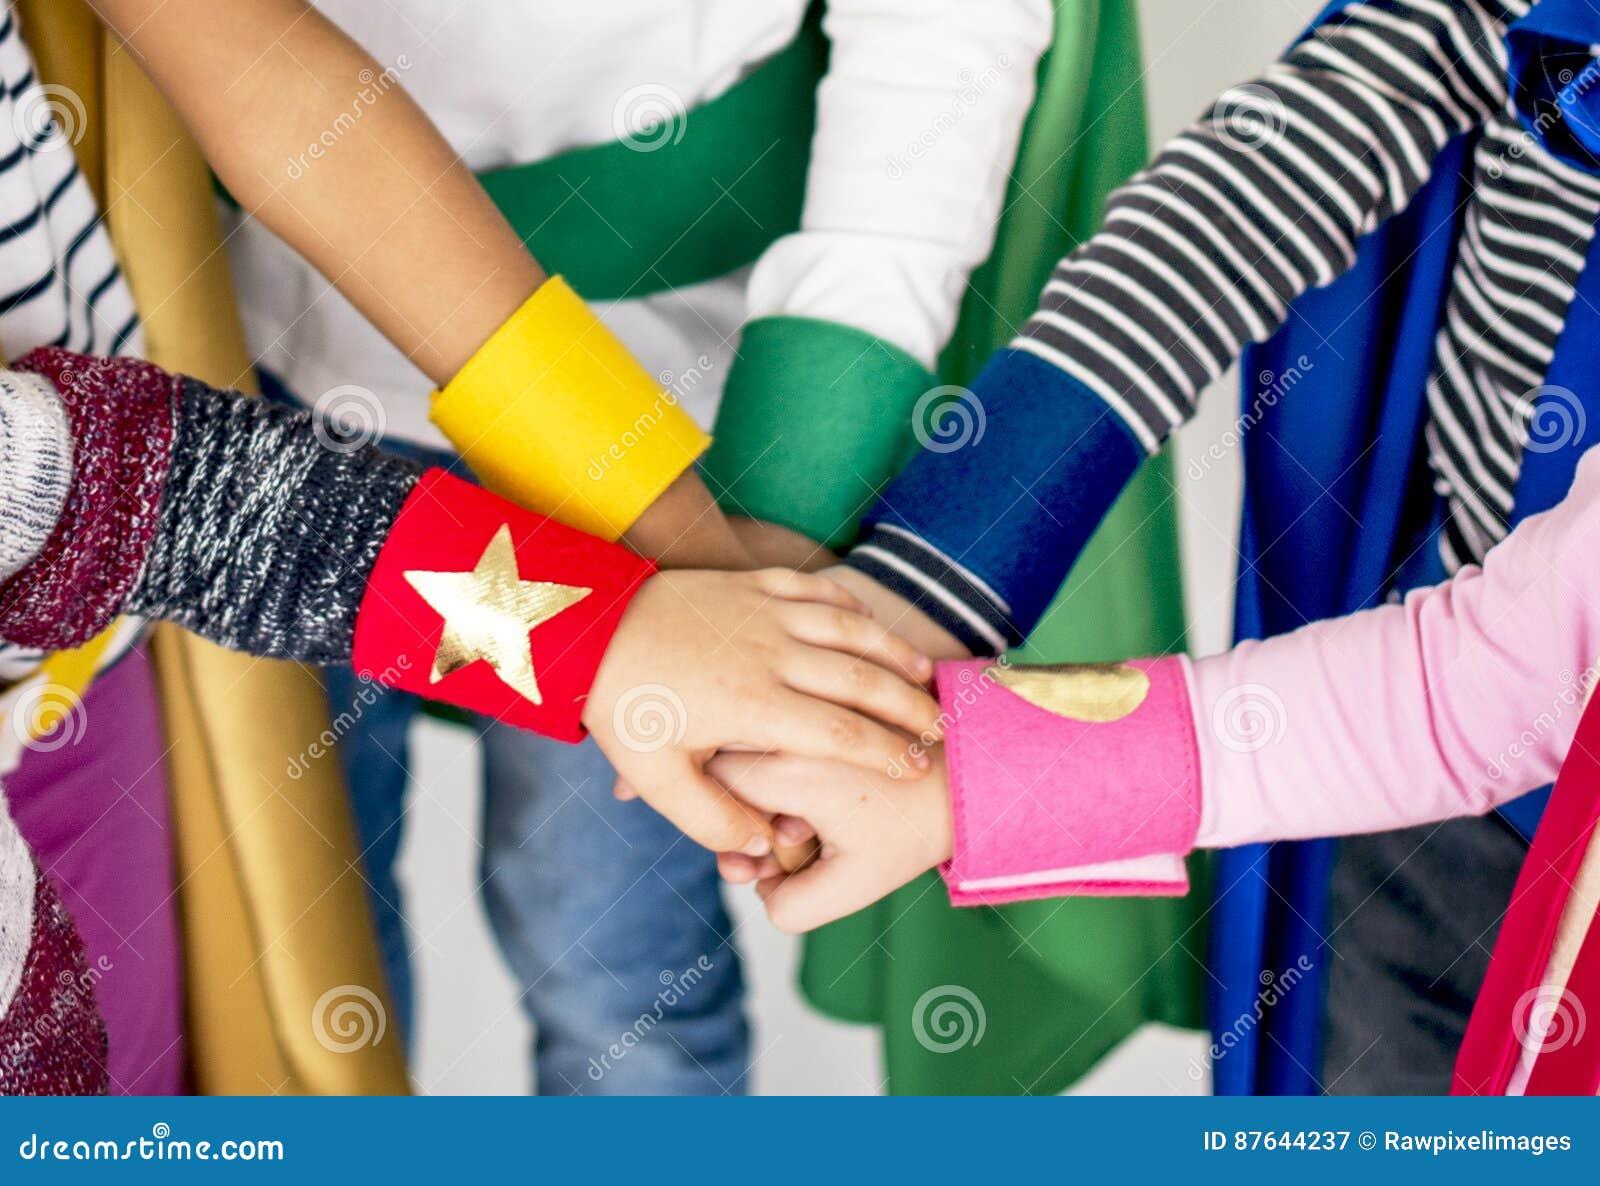 Together Kids Superhero Hands Concept